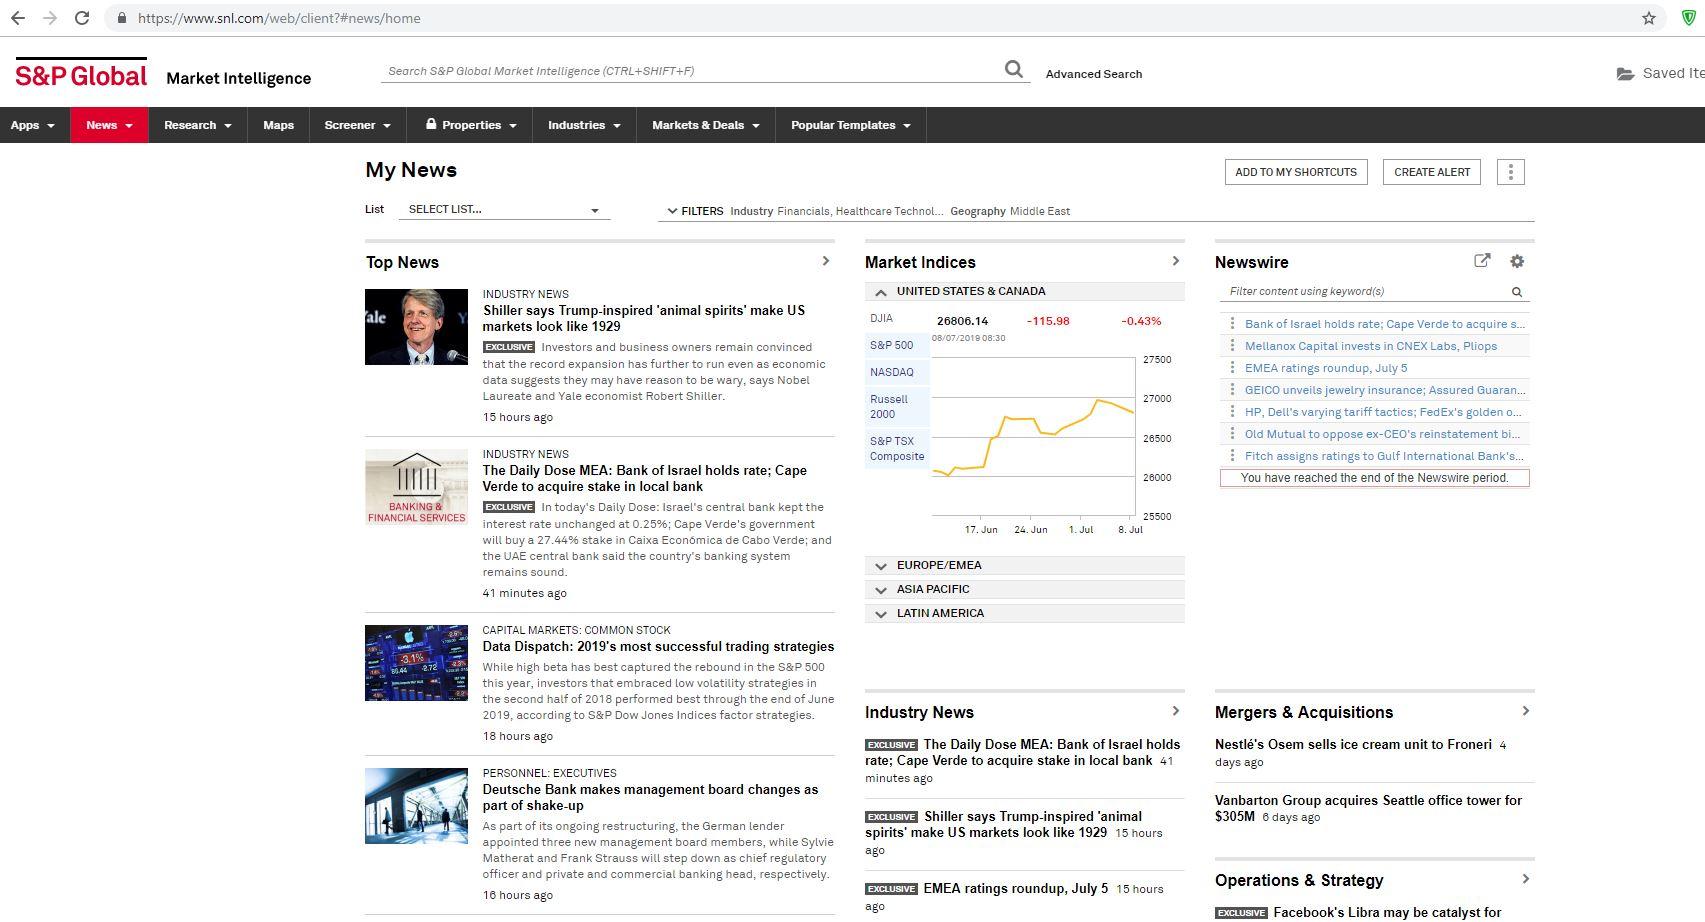 خرید عضویت سایت S&P Global Market Intelligence دسترسی به سایت snl.com دانلود تحلیلهای موسسه S&P گلوبالپلتز user password SNL